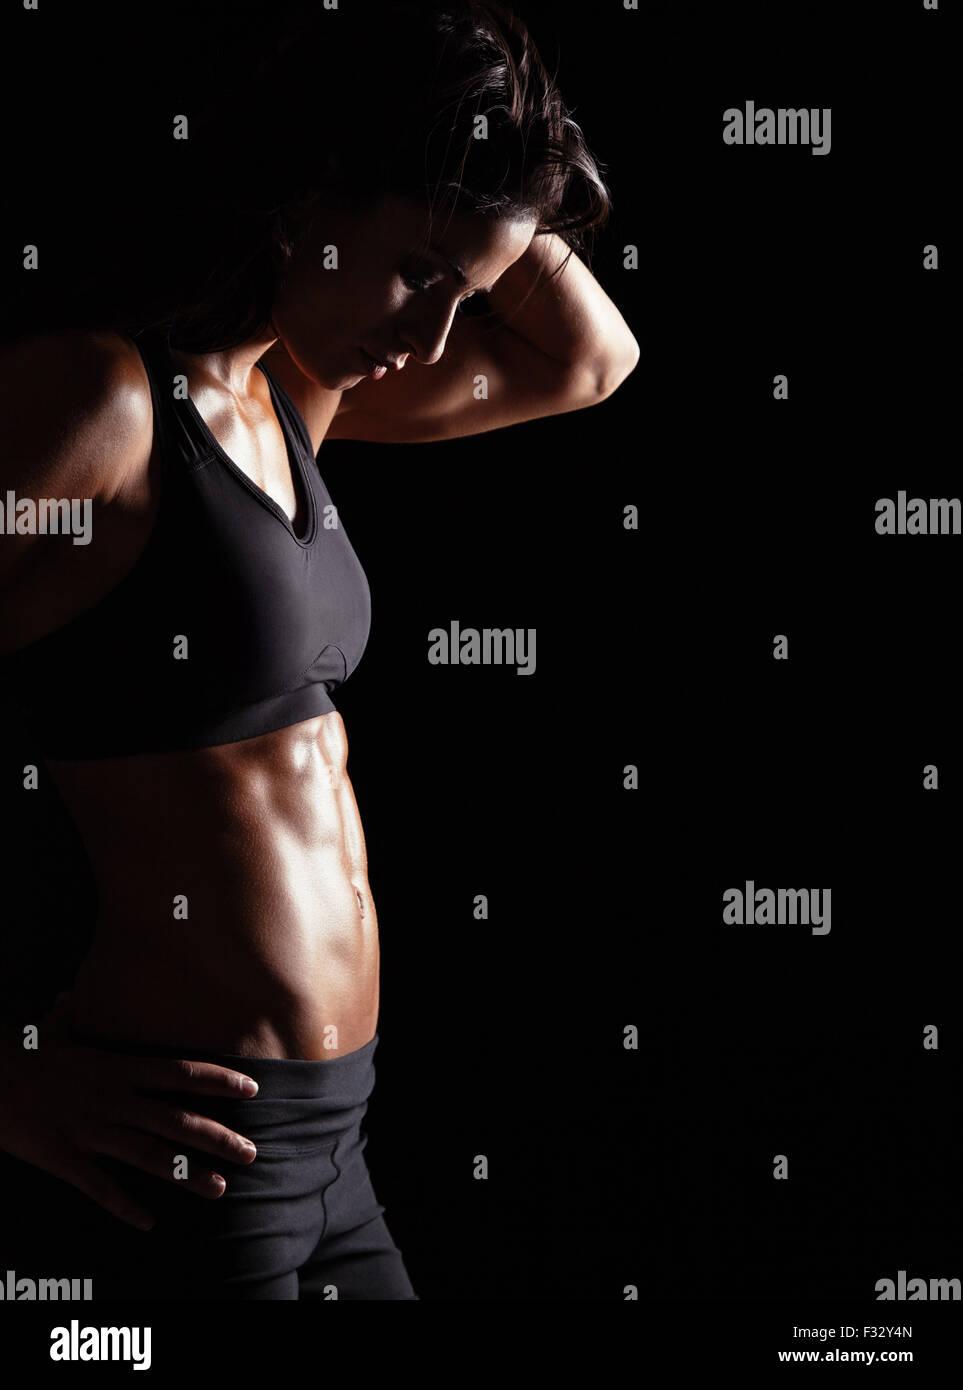 Fit woman avec sa main sur les hanches. Femelle avec corps musclé sur fond noir. Photo Stock